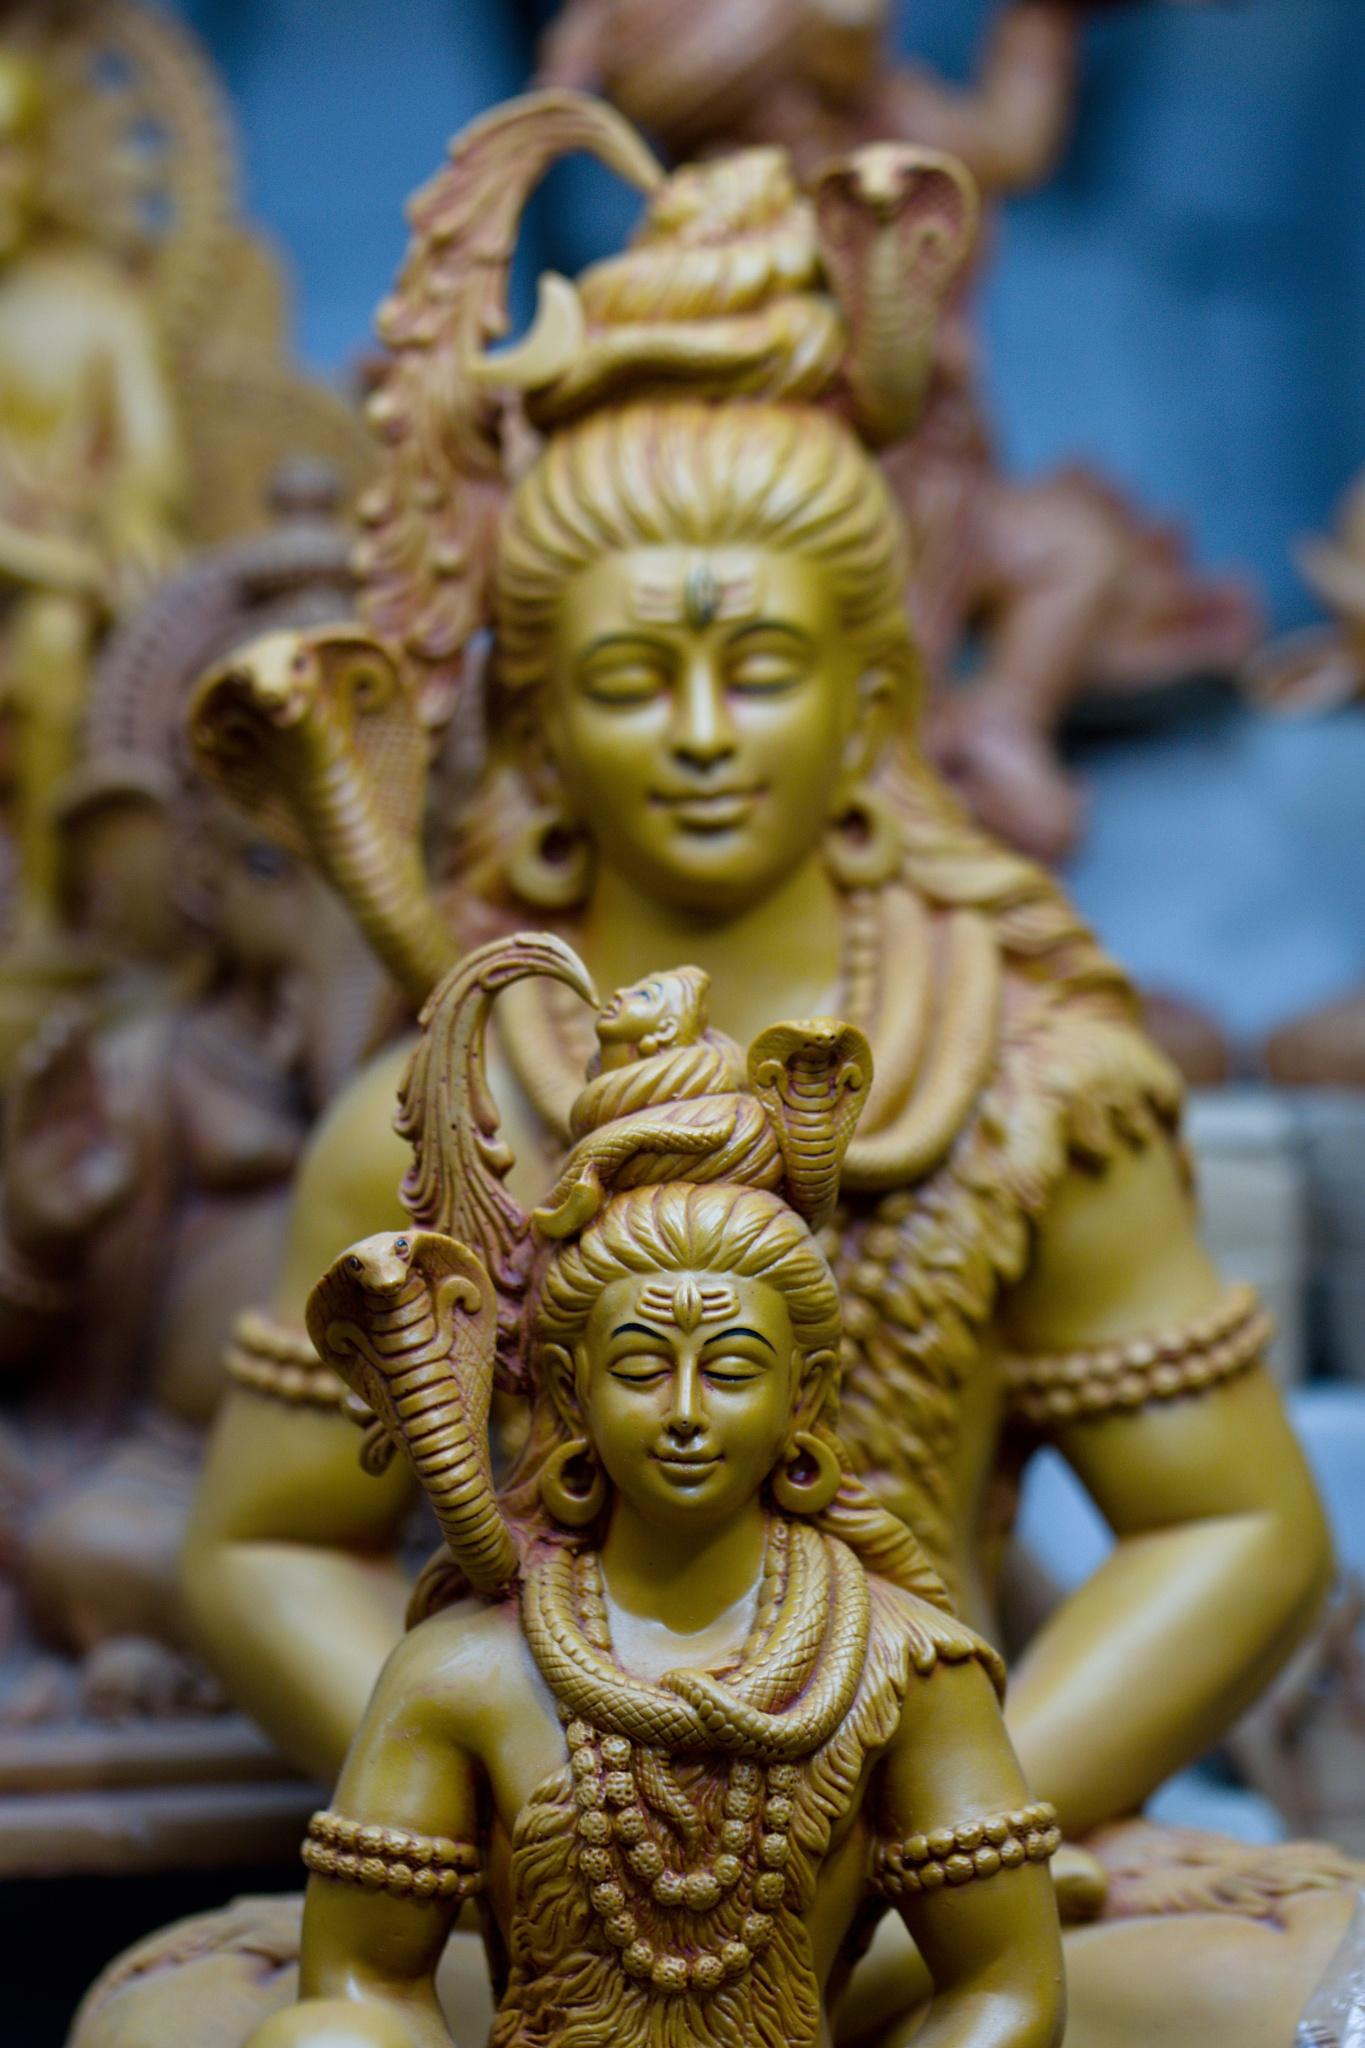 Devotees Choice by Radhamadhavan K S